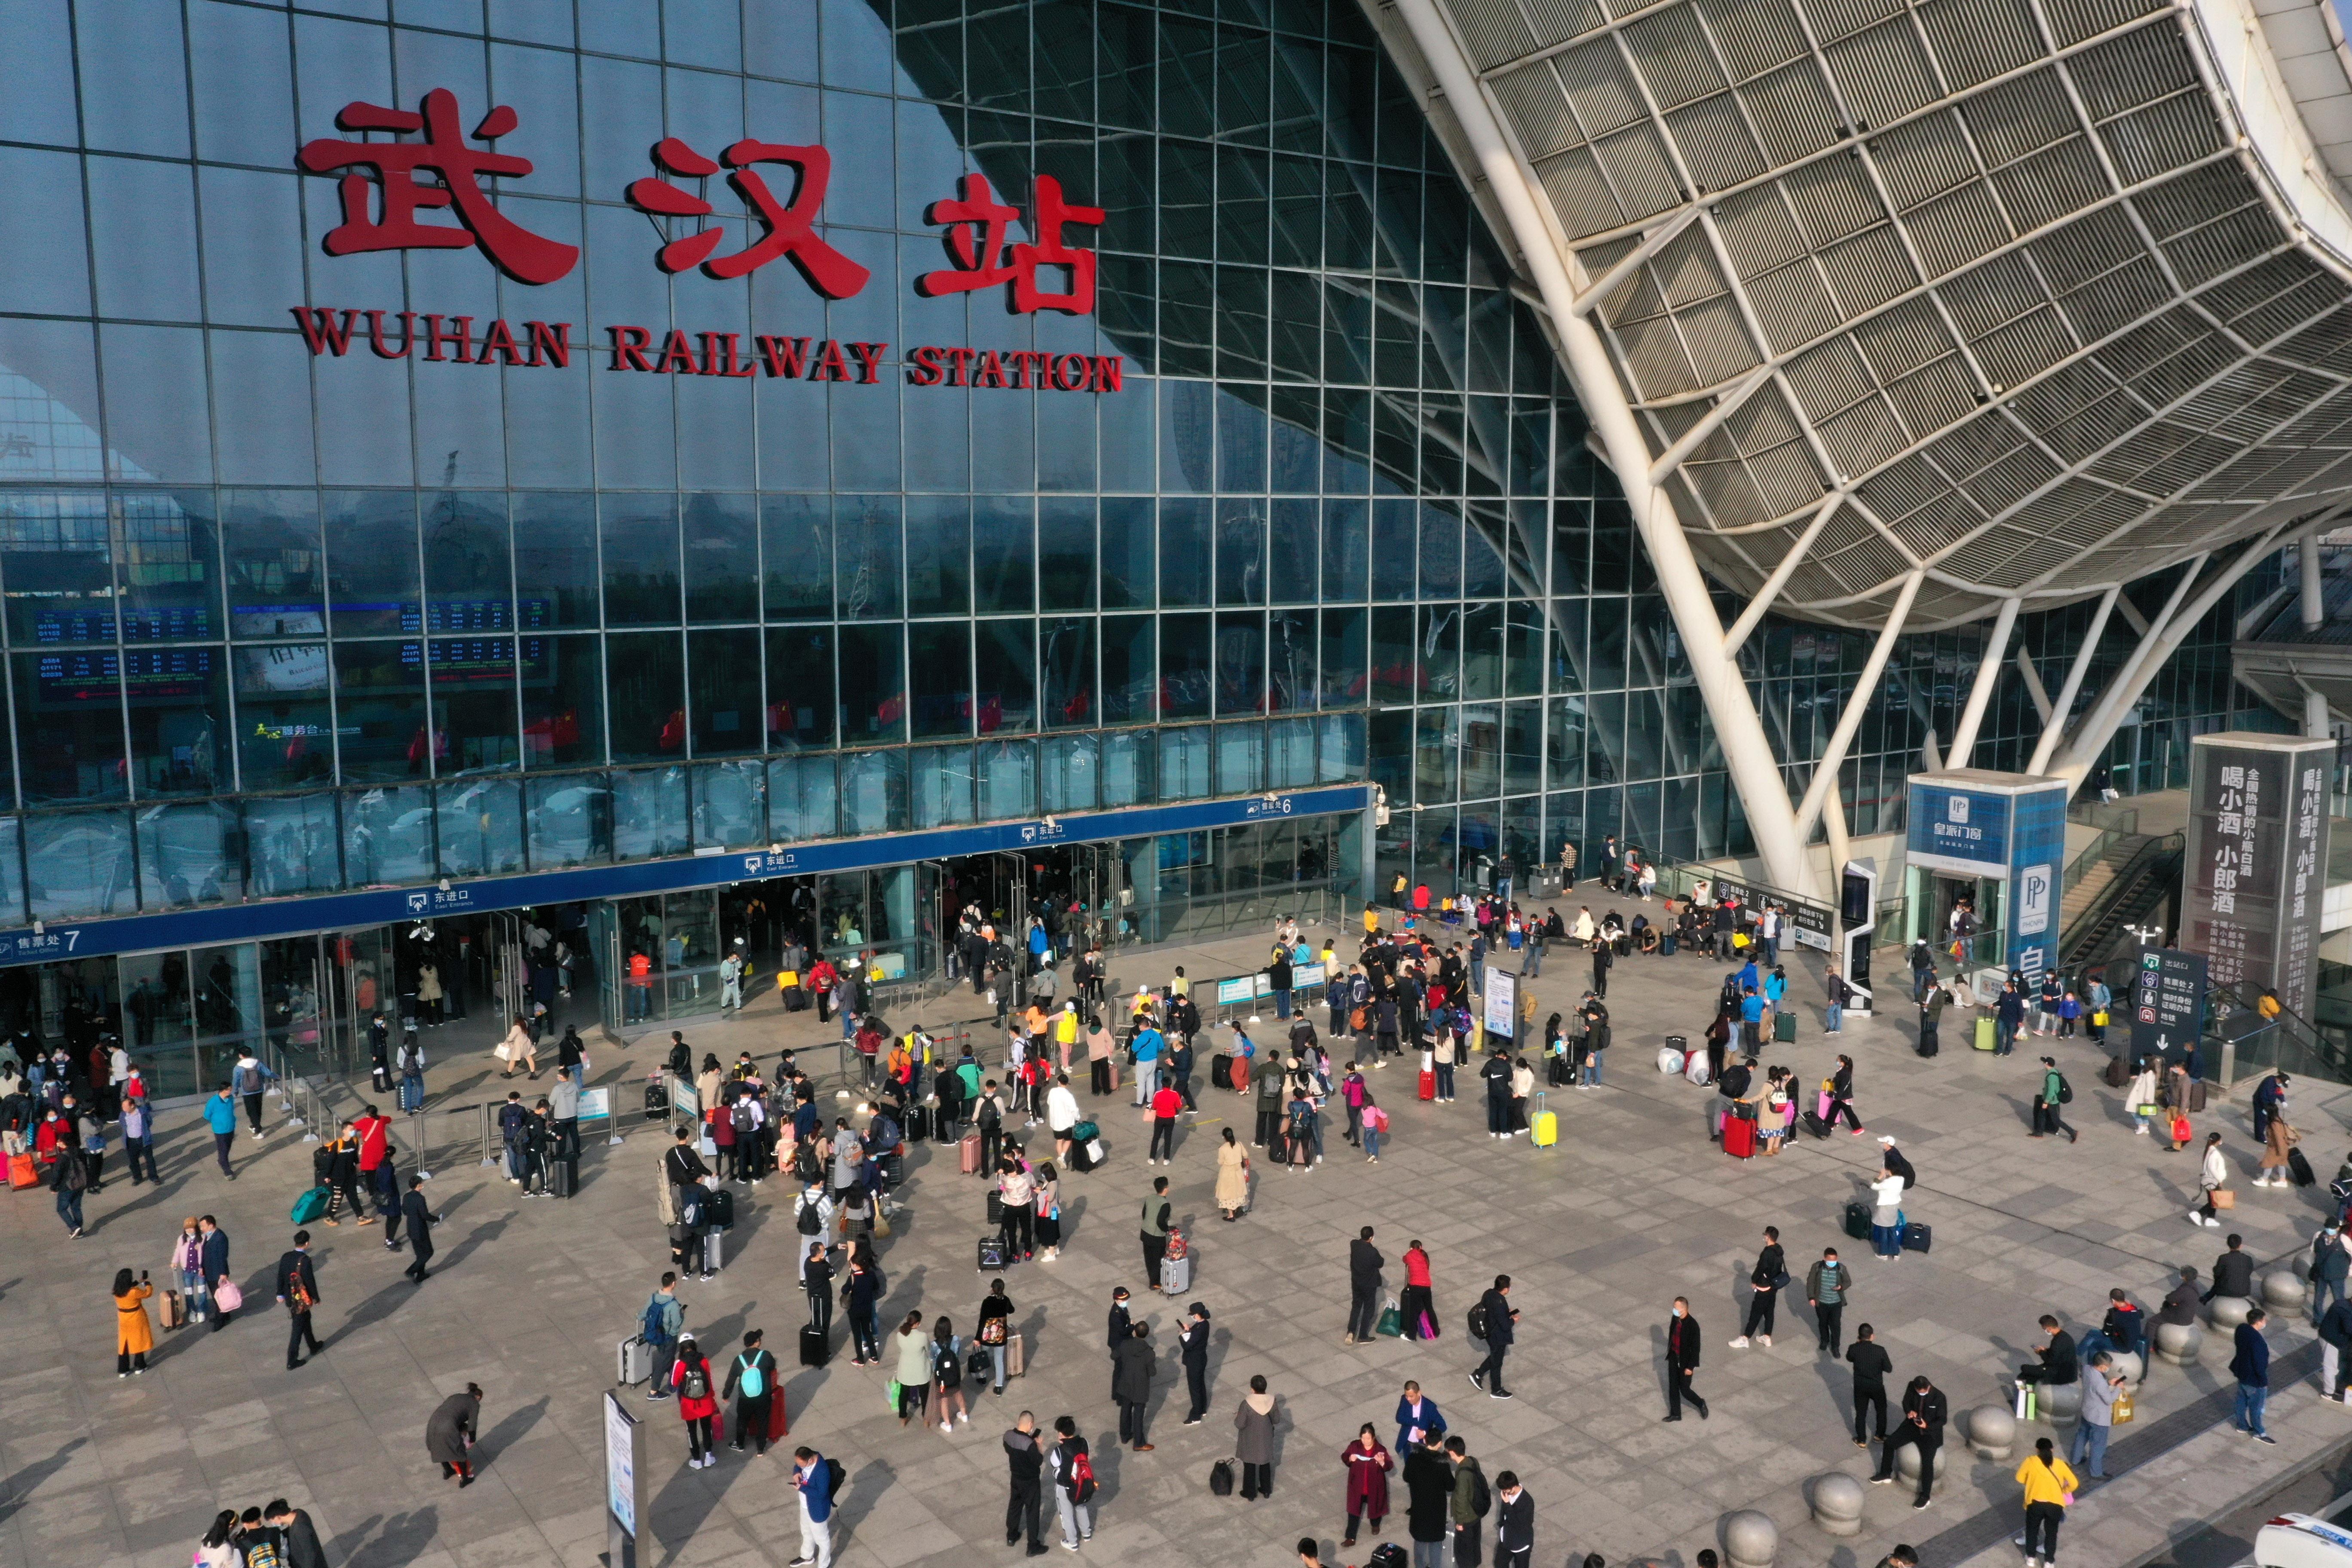 國慶長假臨近尾聲,多地交通運輸部門迎來返程客流高峰。旅客在武漢火車站東廣場準備進站乘車。(新華社)